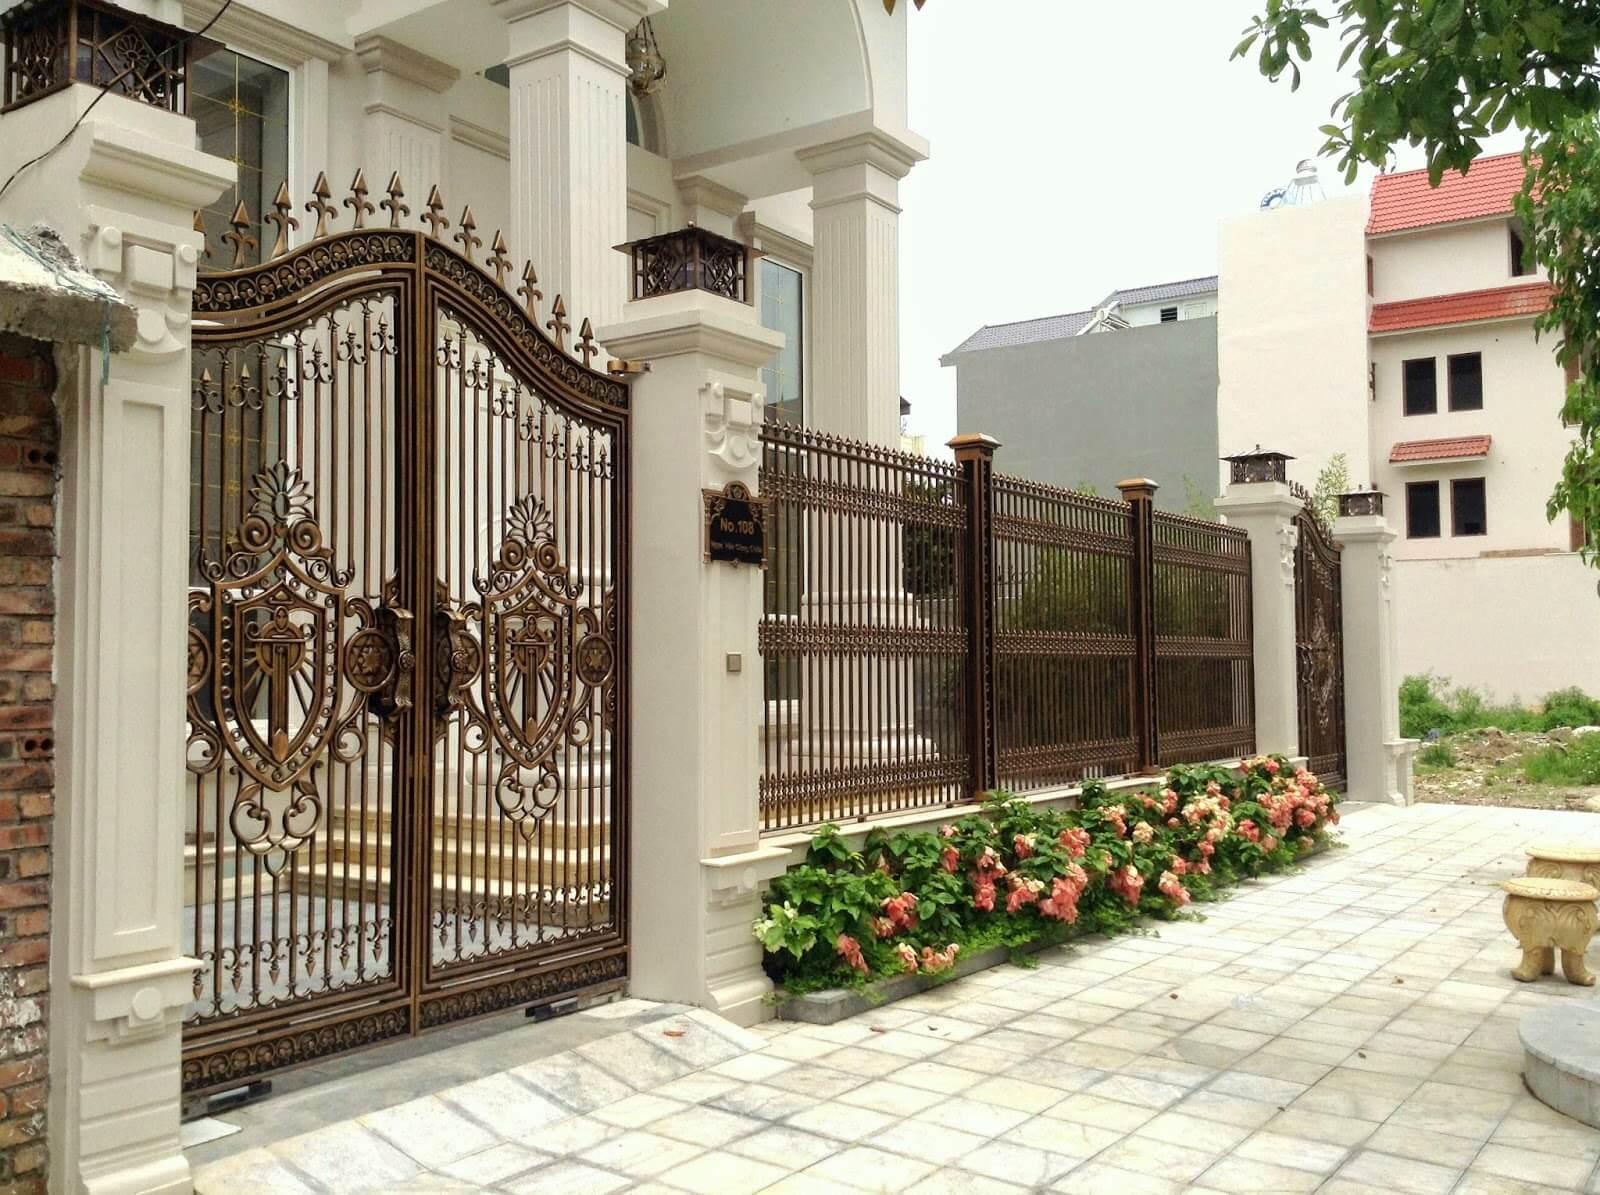 Ý nghĩa của bố trí cổng nhà theo phong thủy